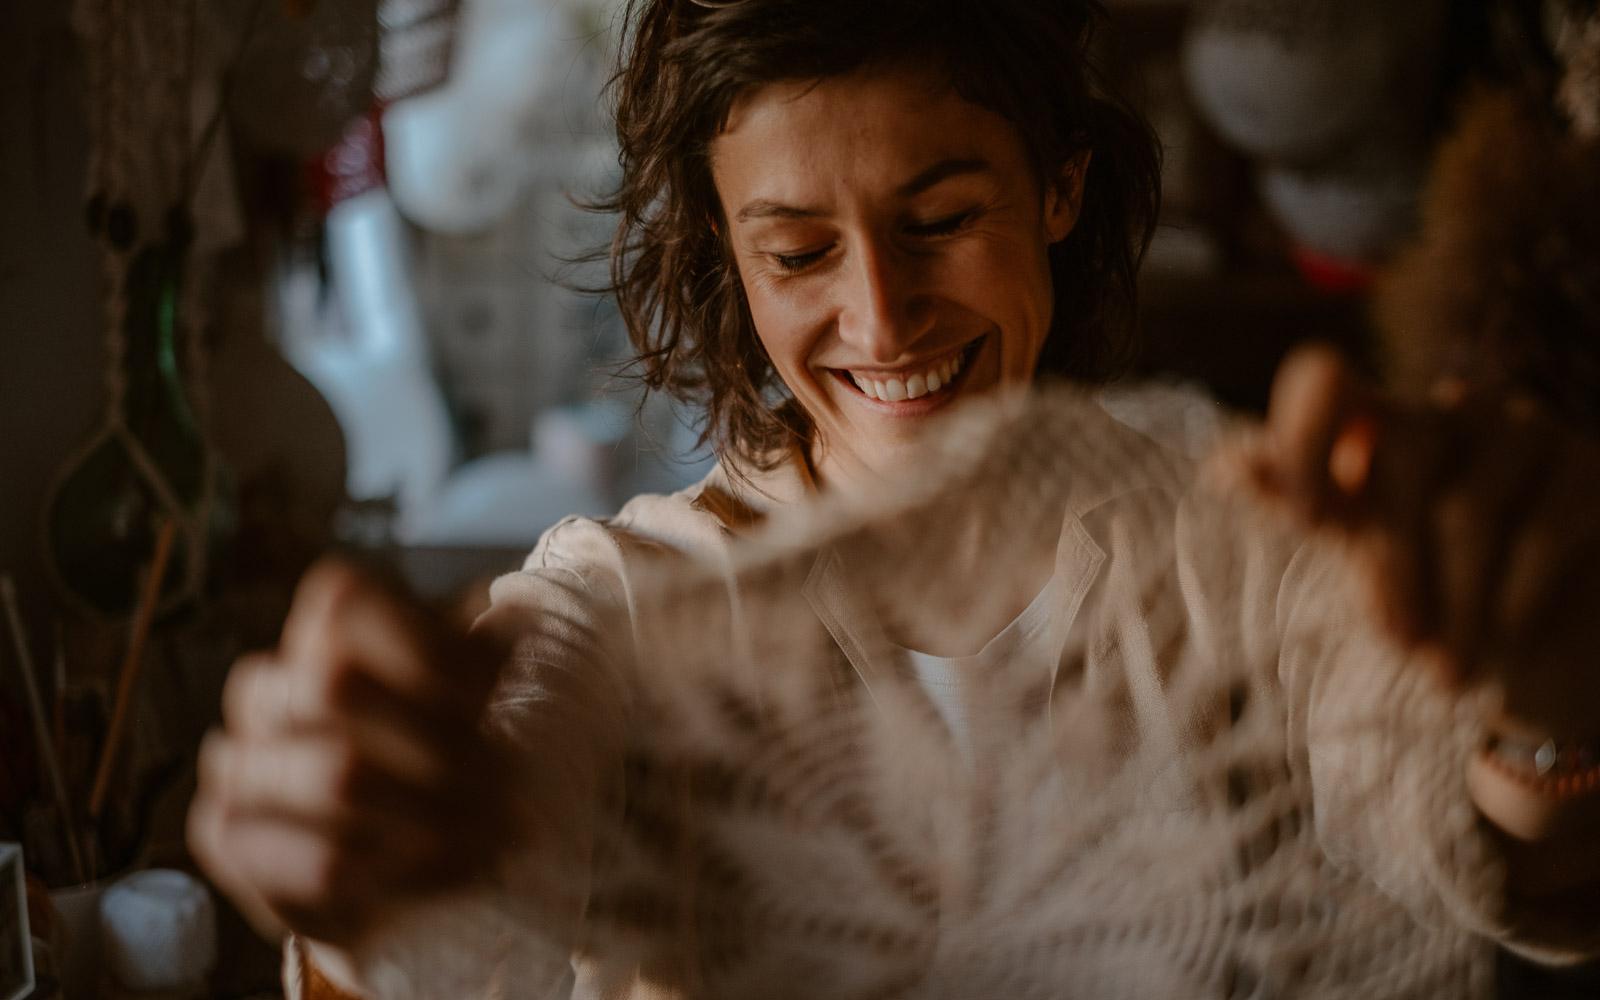 photographies d'une créatrice en design textile & scénographe dans son atelier à Clisson